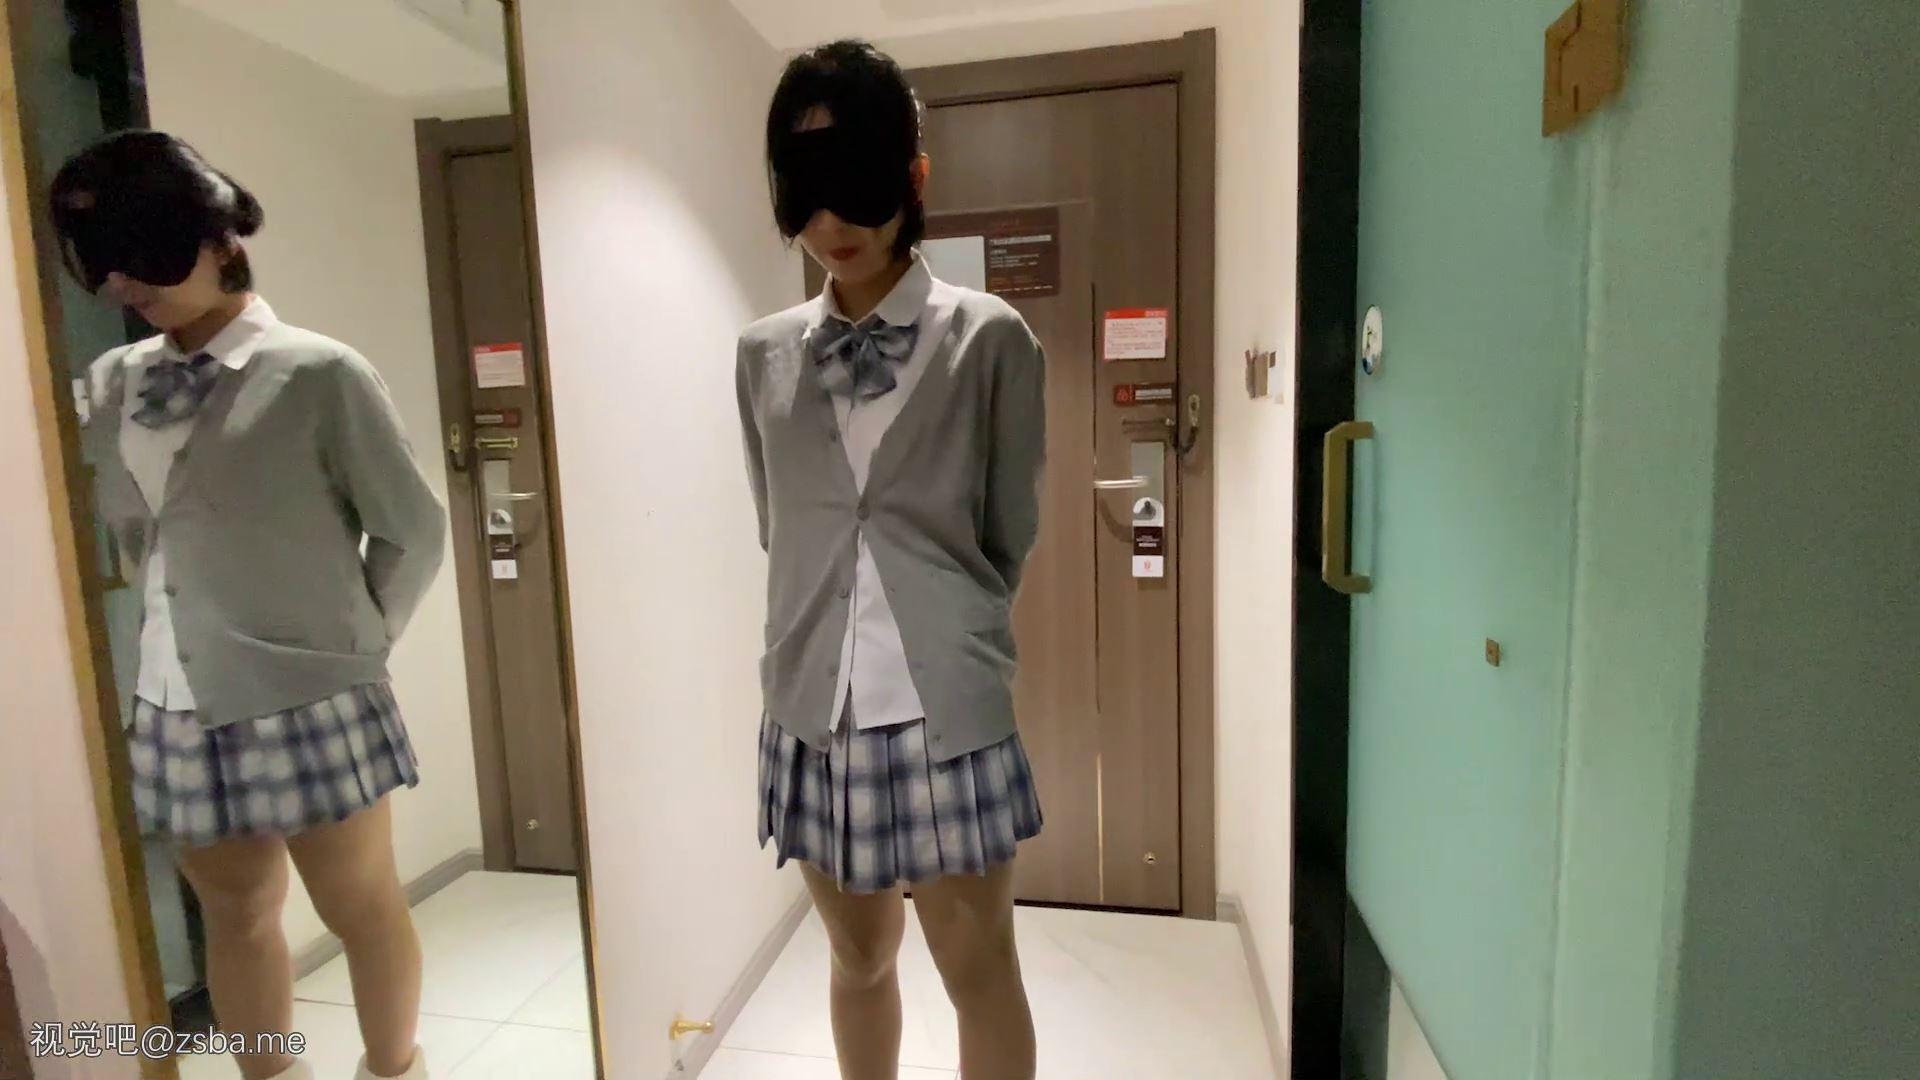 视觉吧@重金购买 91大神最新流出酒店约炮无毛的粉嫩鲍鱼-穿着JK裙的可爱小女友[1V/516MB]插图1